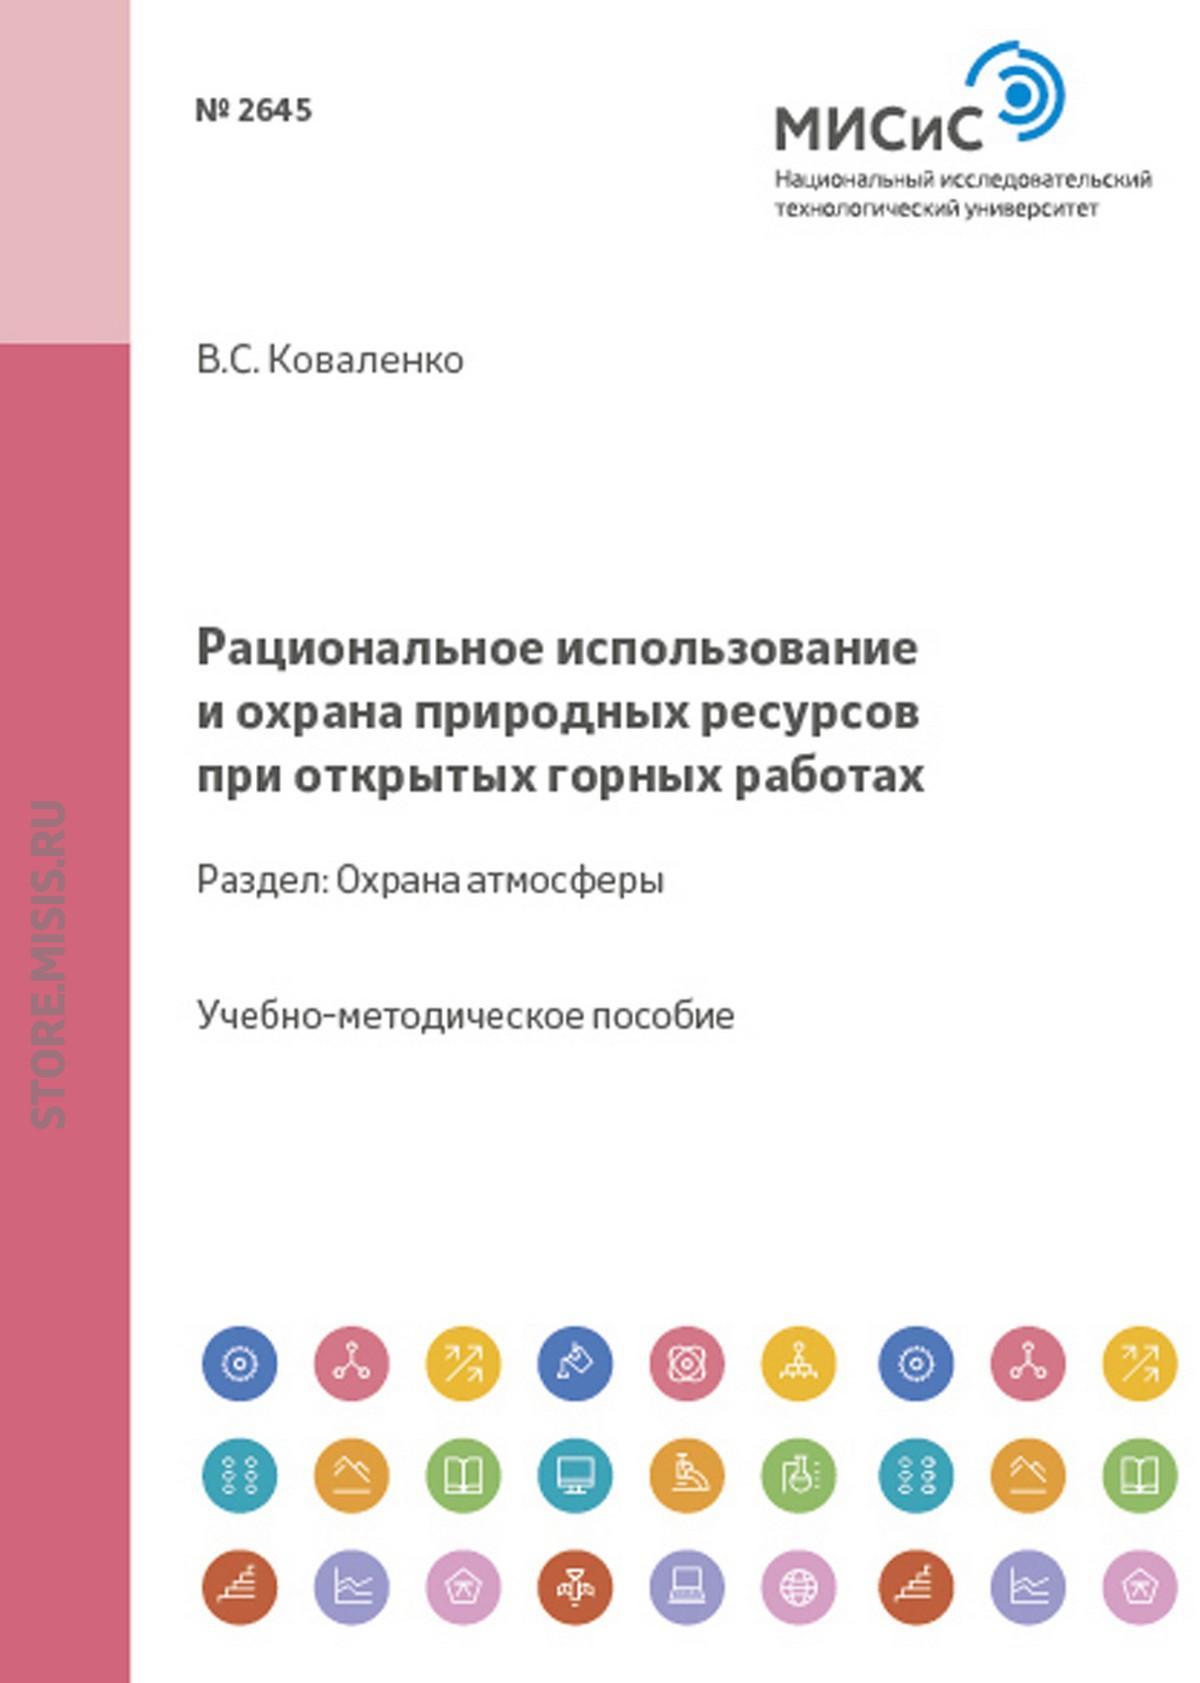 Владимир Коваленко Рациональное использование и охрана природных ресурсов при открытых горных работах. Охрана атмосферы